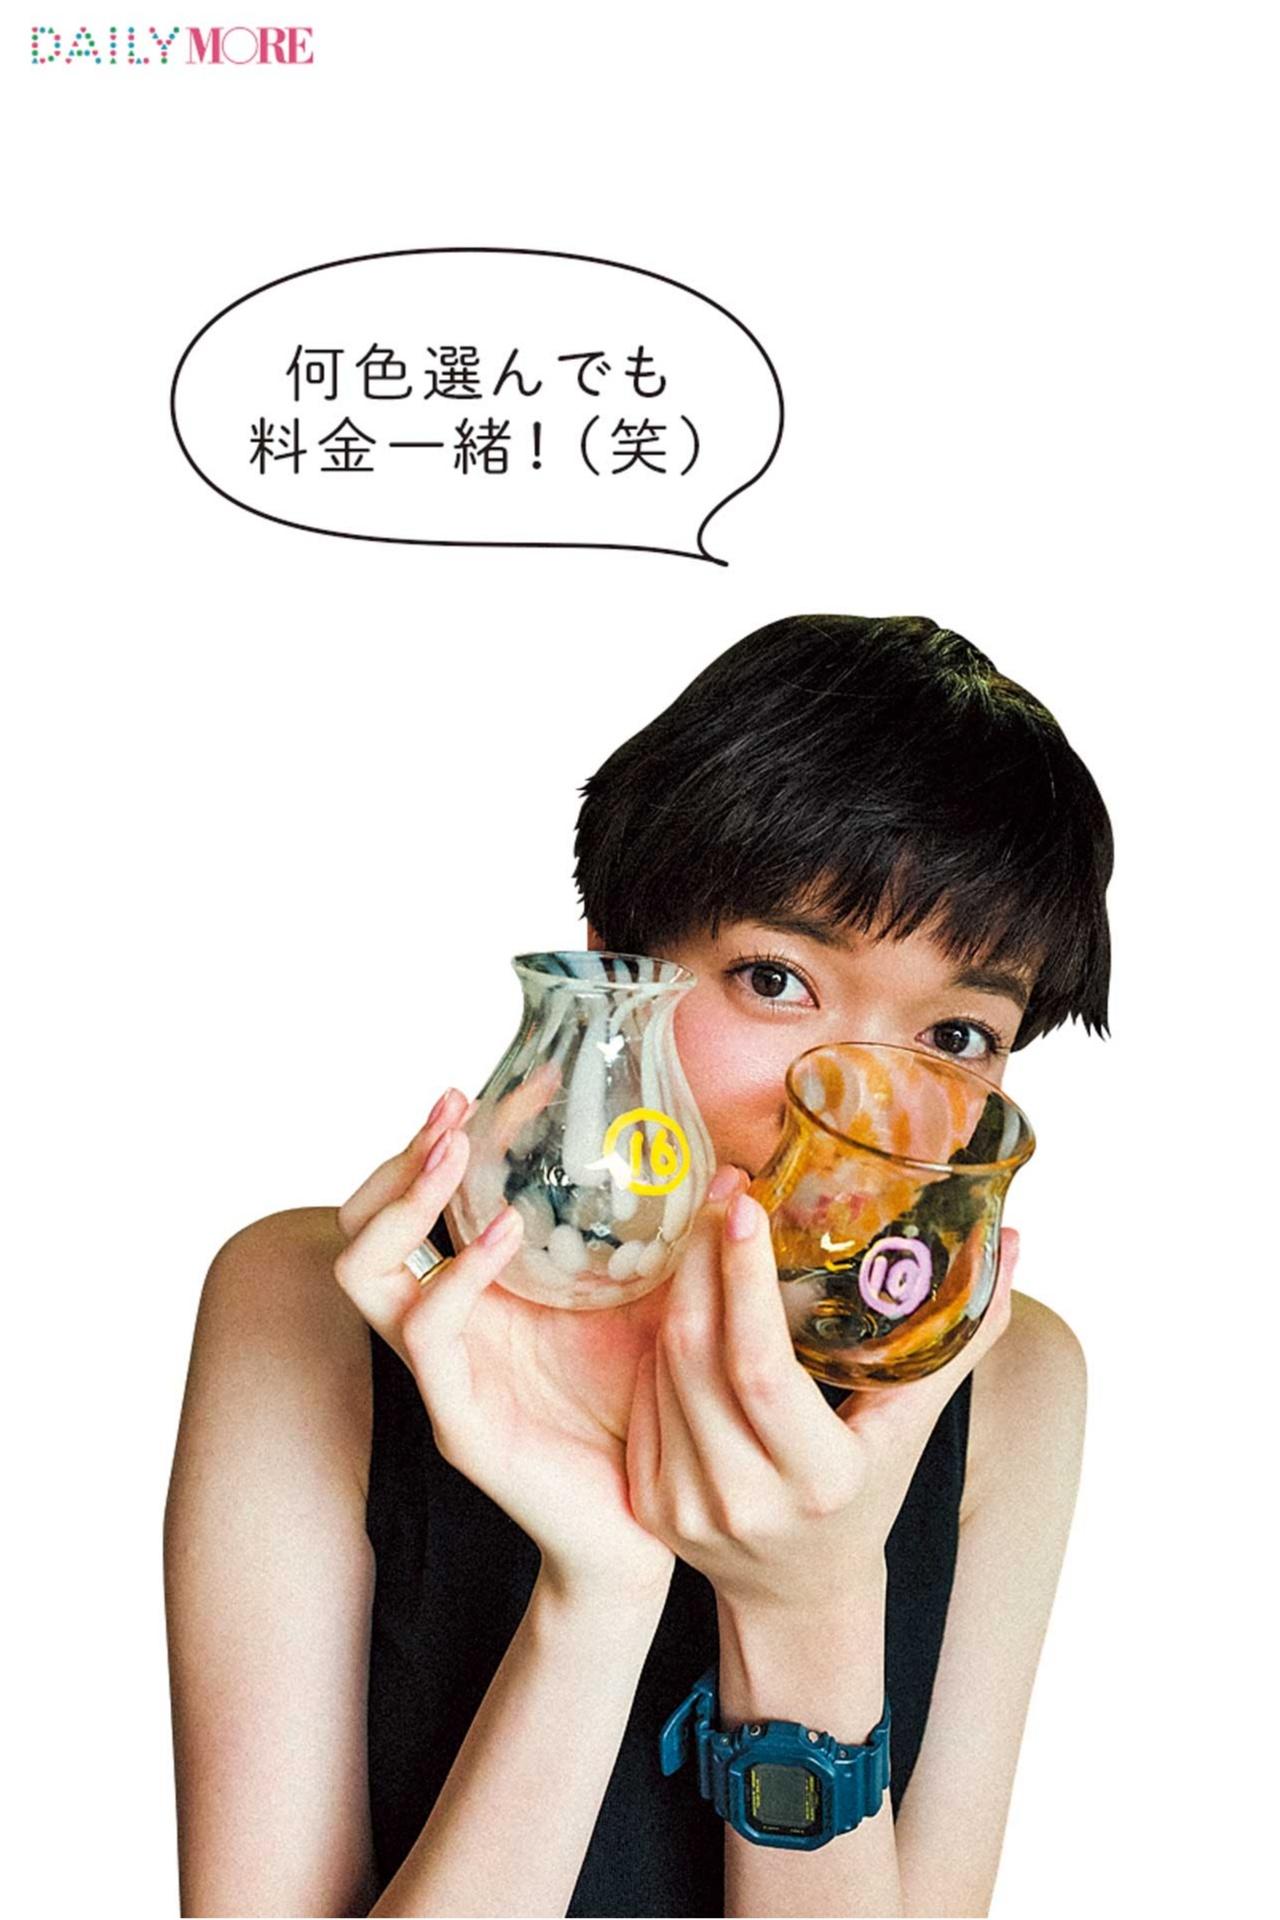 職人技に感動! 佐藤栞里の「憧れの♡ 吹きガラス体験」にGO!【栞里のちょっと行ってみ!?】_3